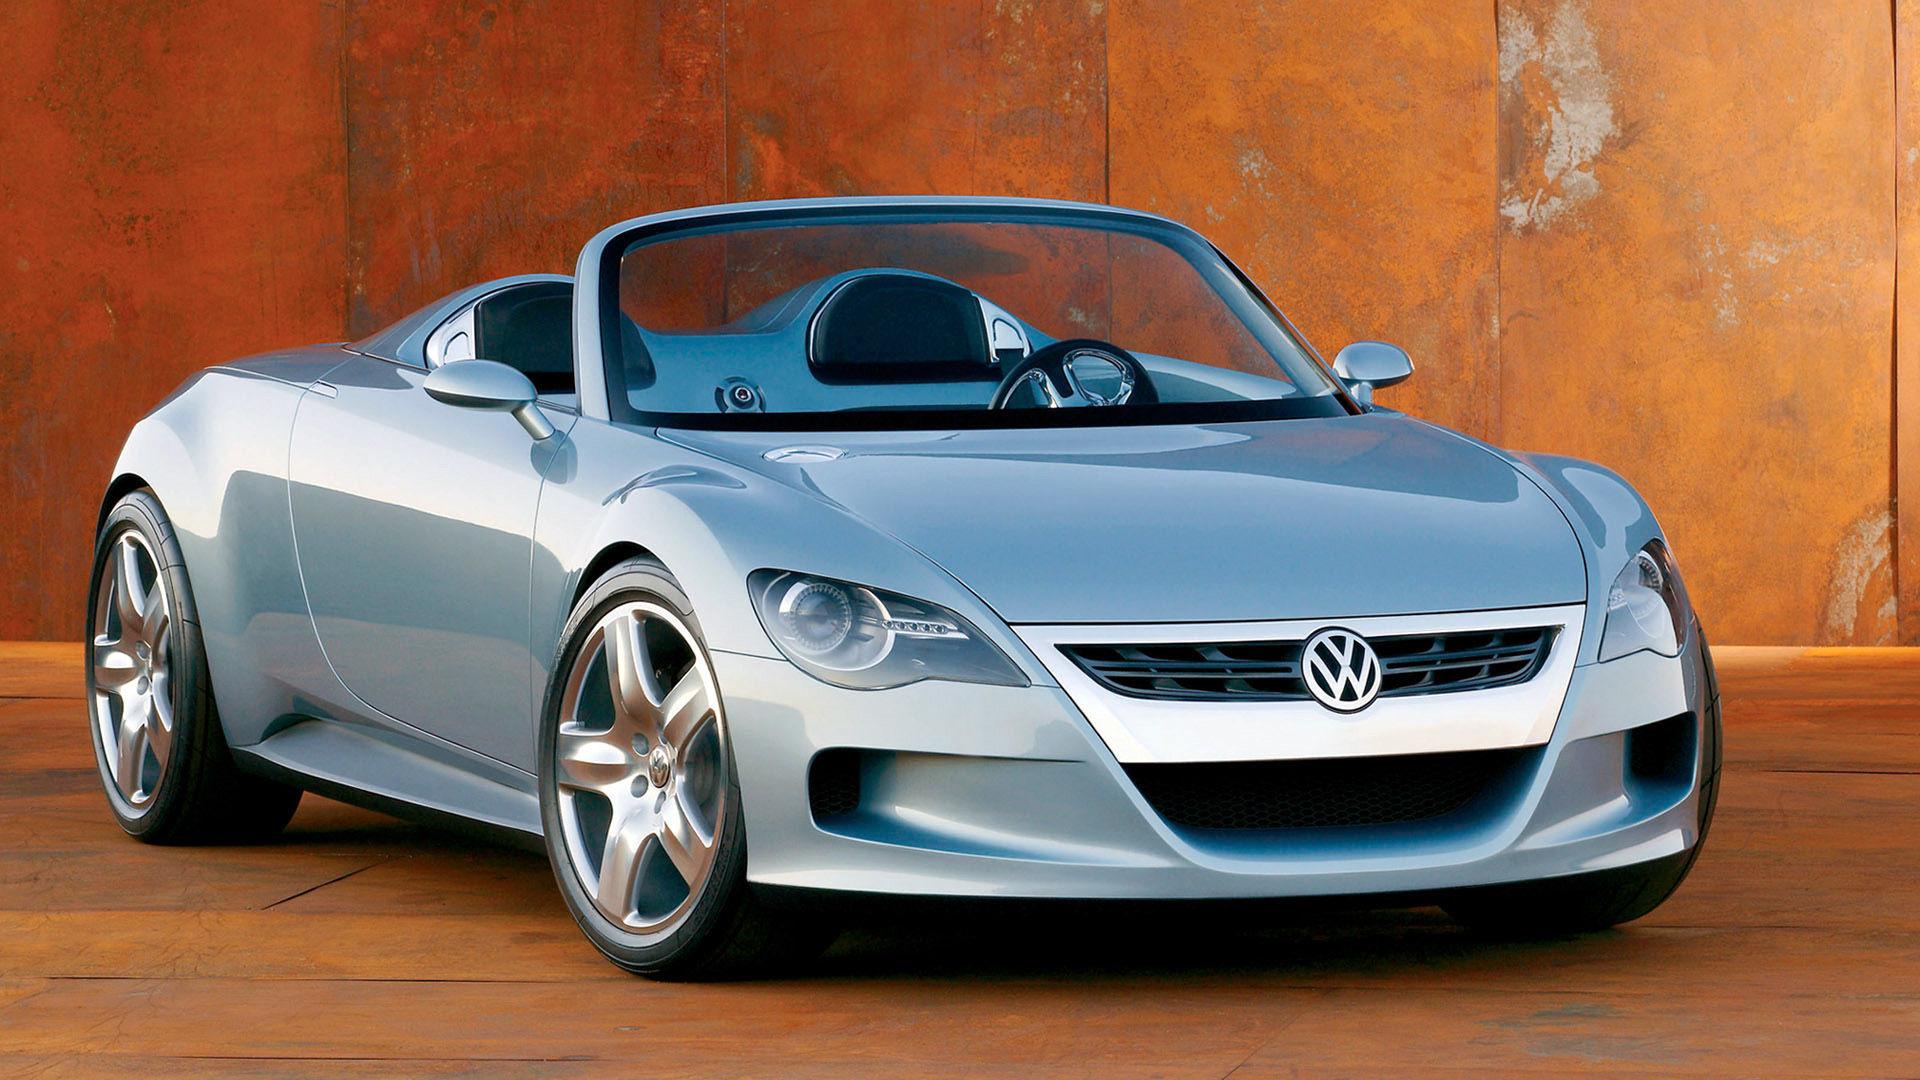 2003 Volkswagen Concept-R